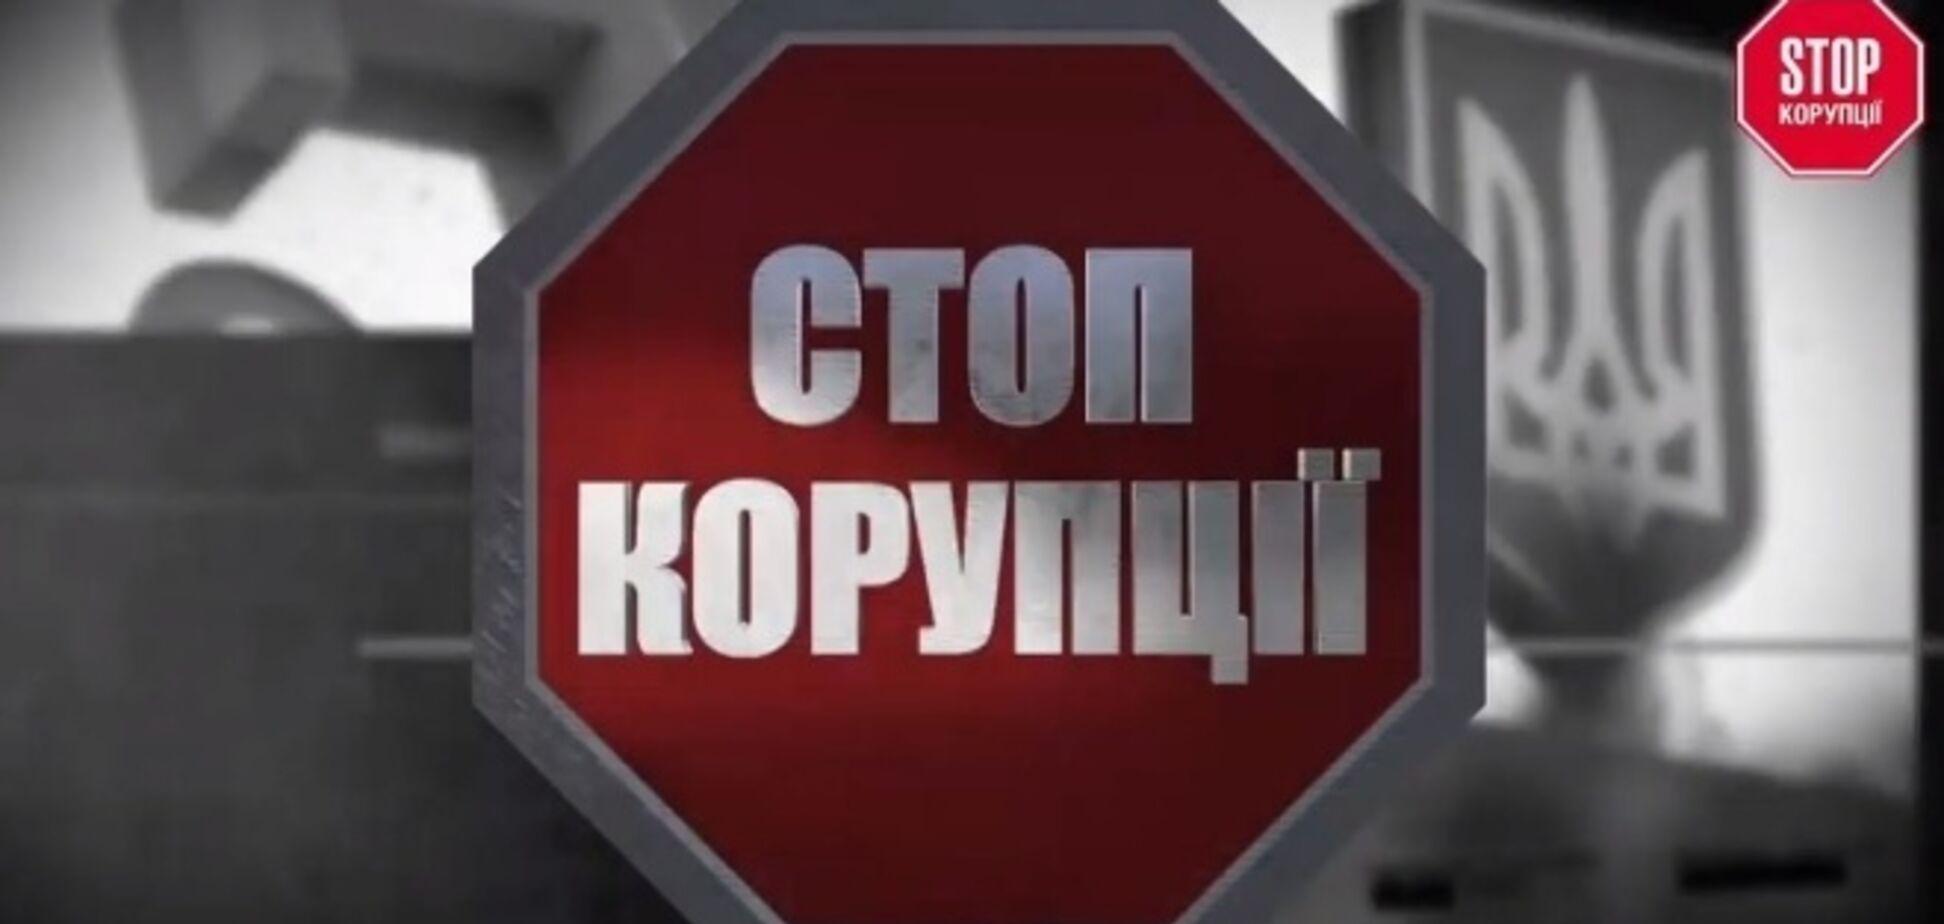 Нет фейкам! В 'Стоп коррупции' ответили на информатаку